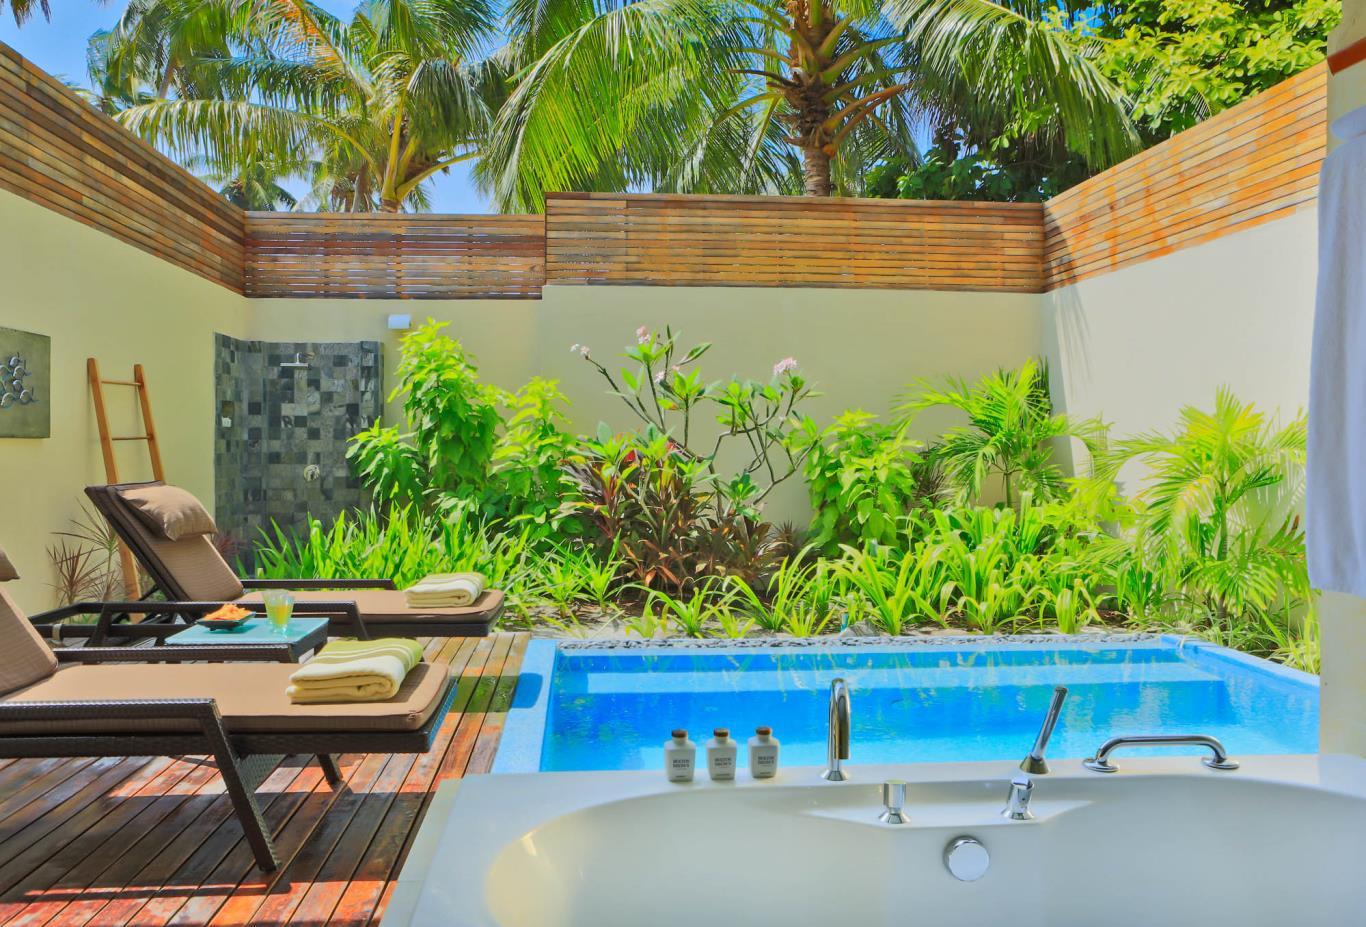 Garden Pool Villa Exterior